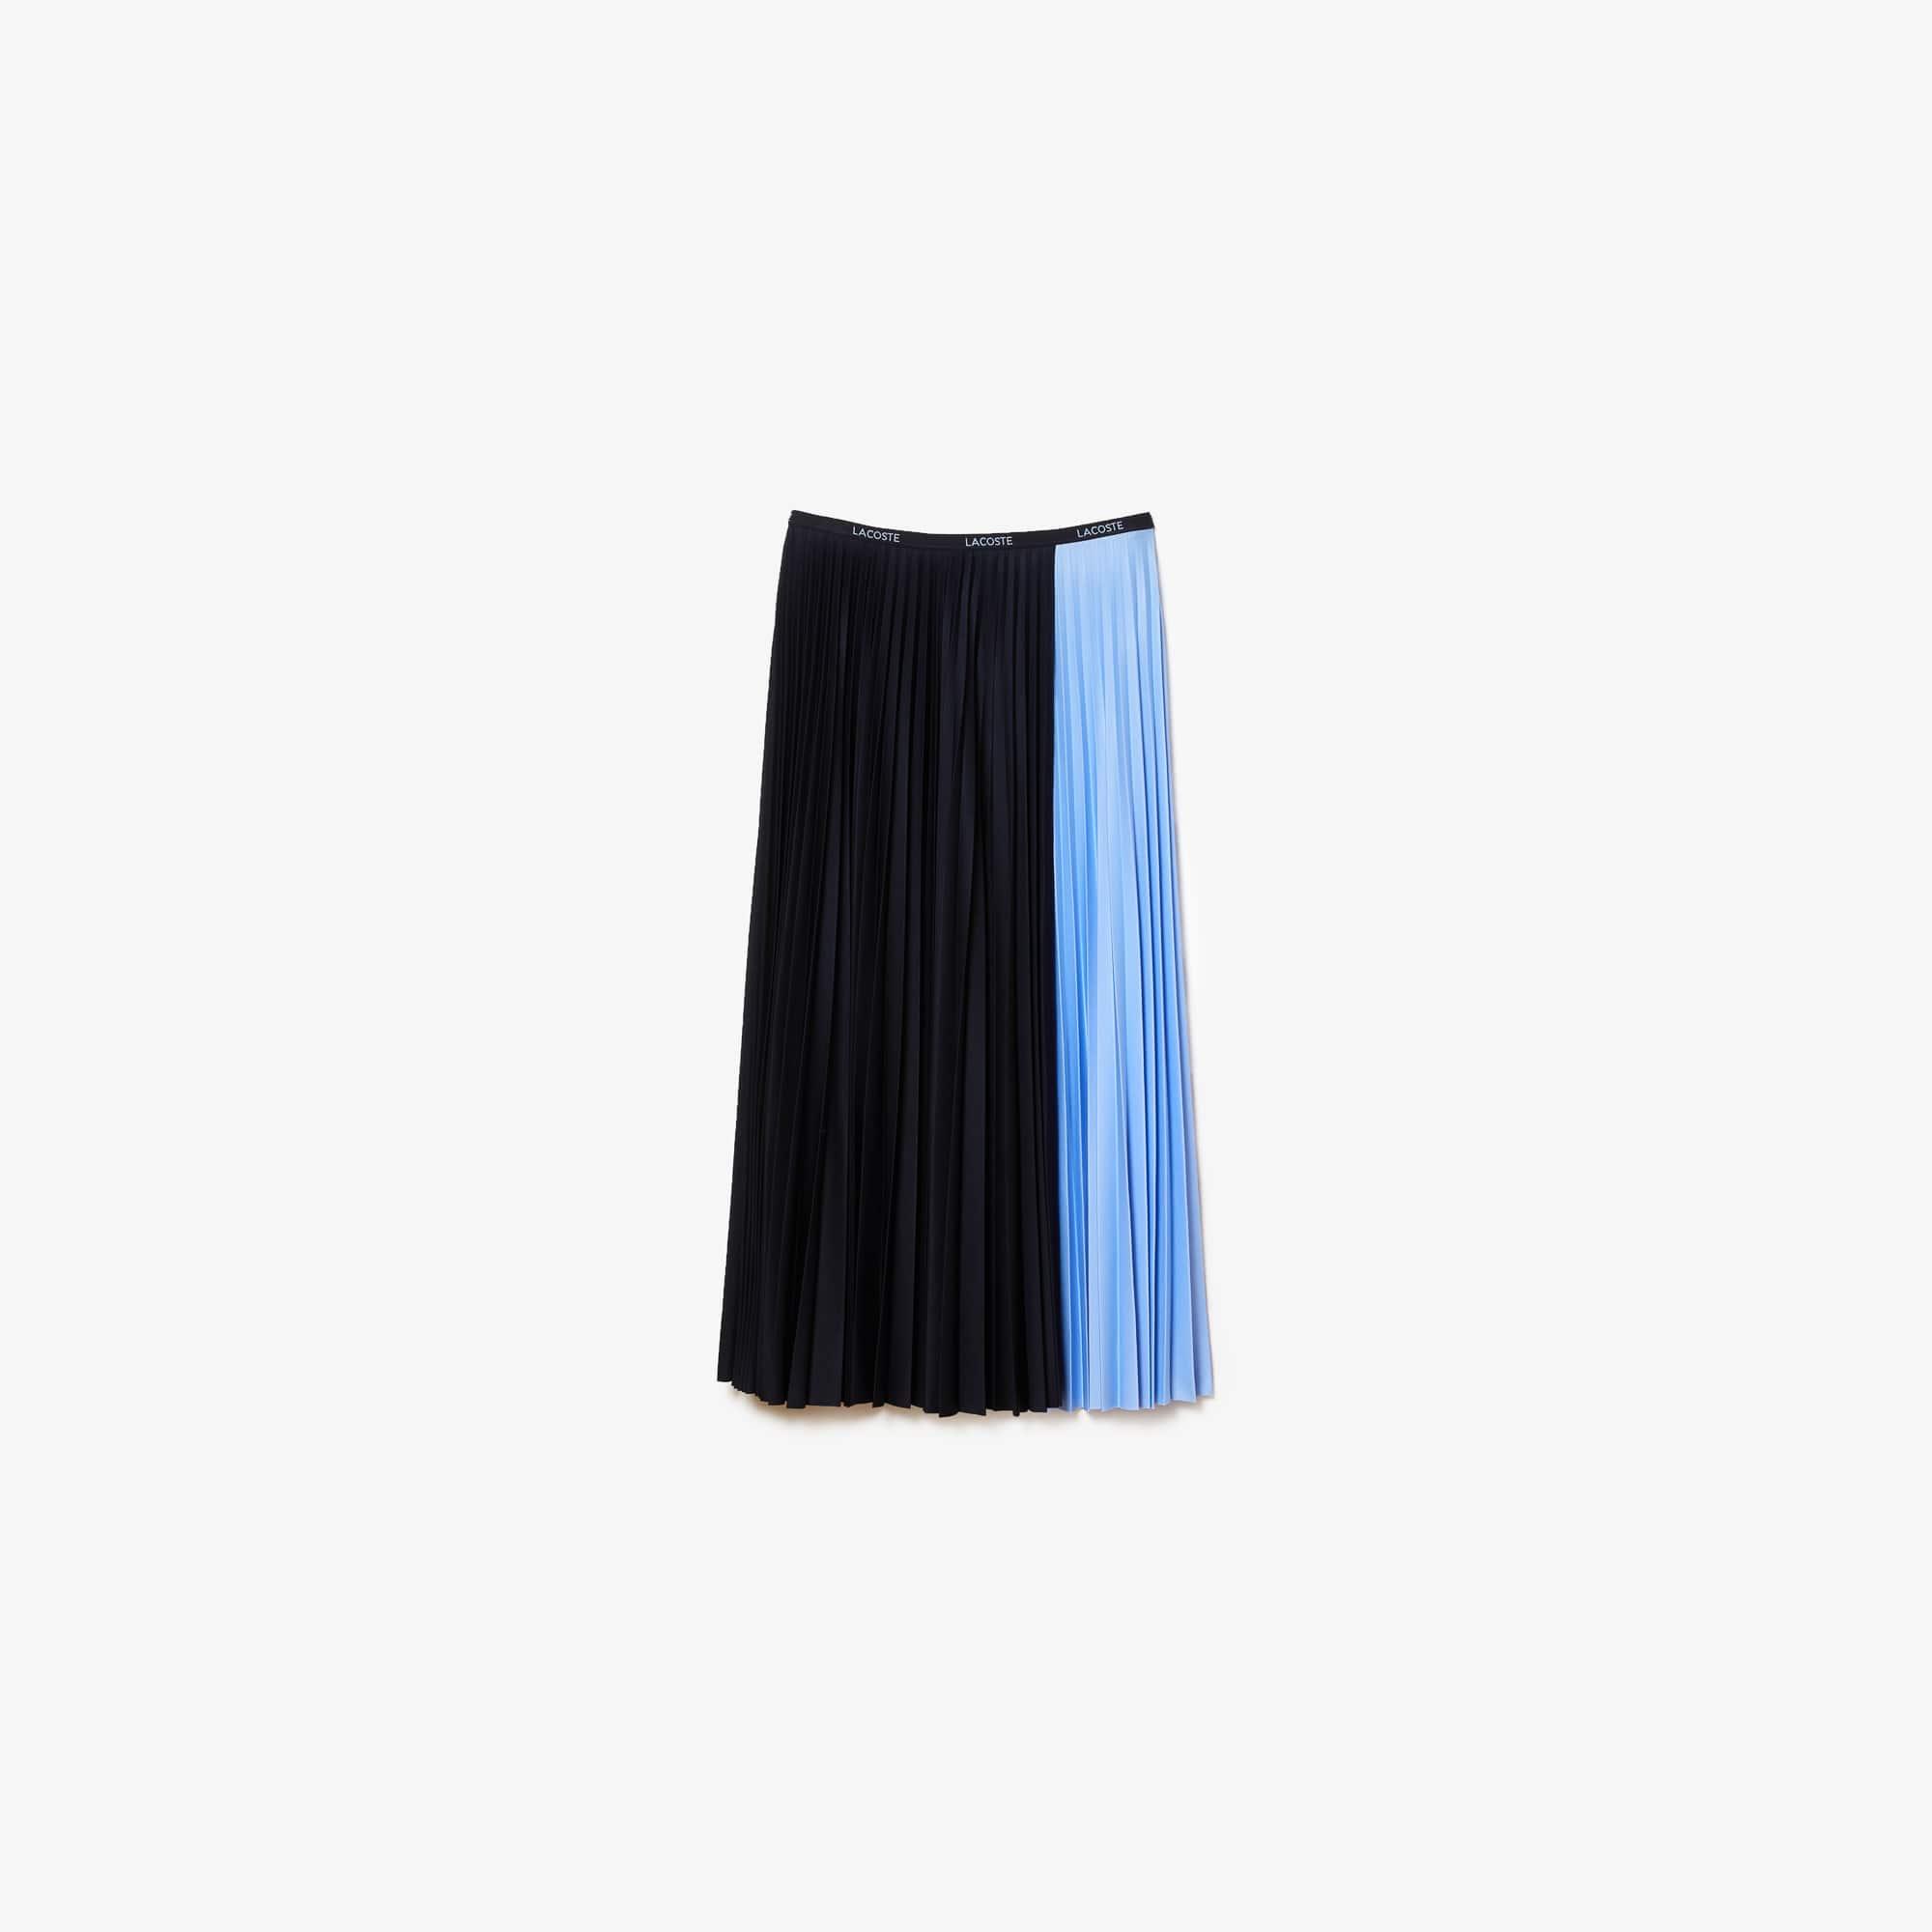 라코스테 컬러블록 미디 플리츠 스커트 Lacoste Women's Colorblock Midi Pleated Skirt